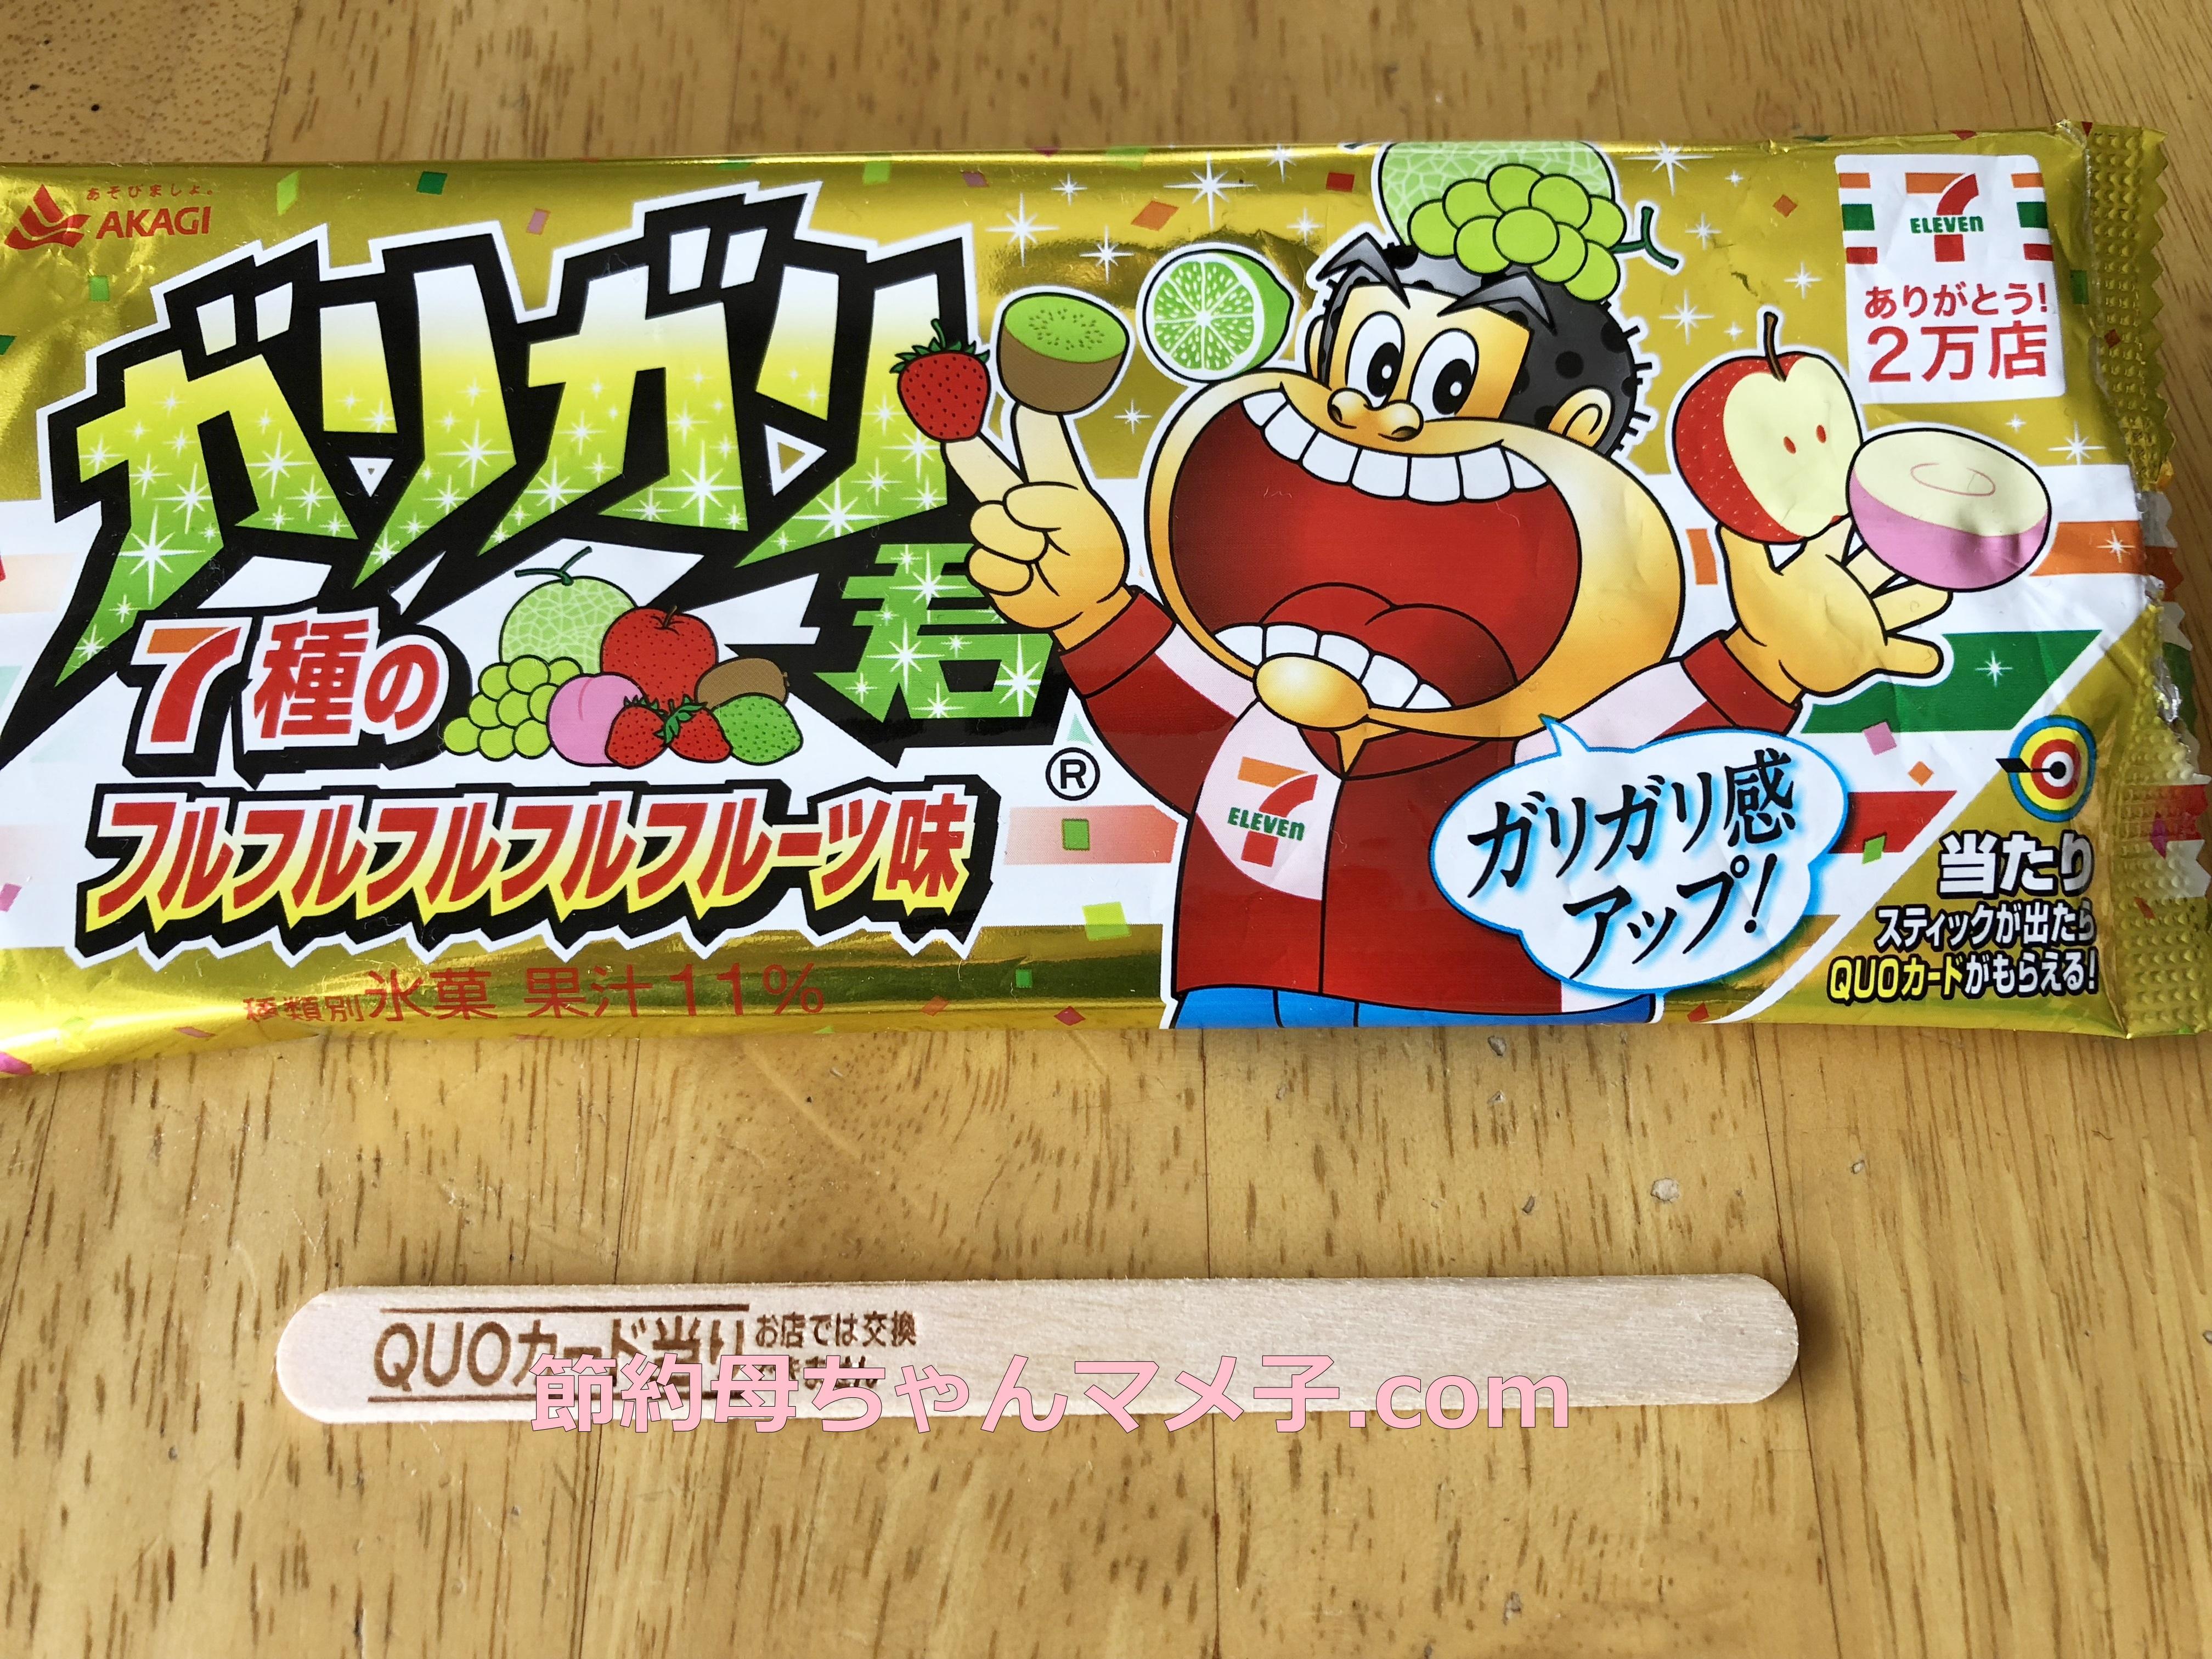 ガリガリ君セブンイレブン限定7種のフルフルフルーツ味クオカード当たった!